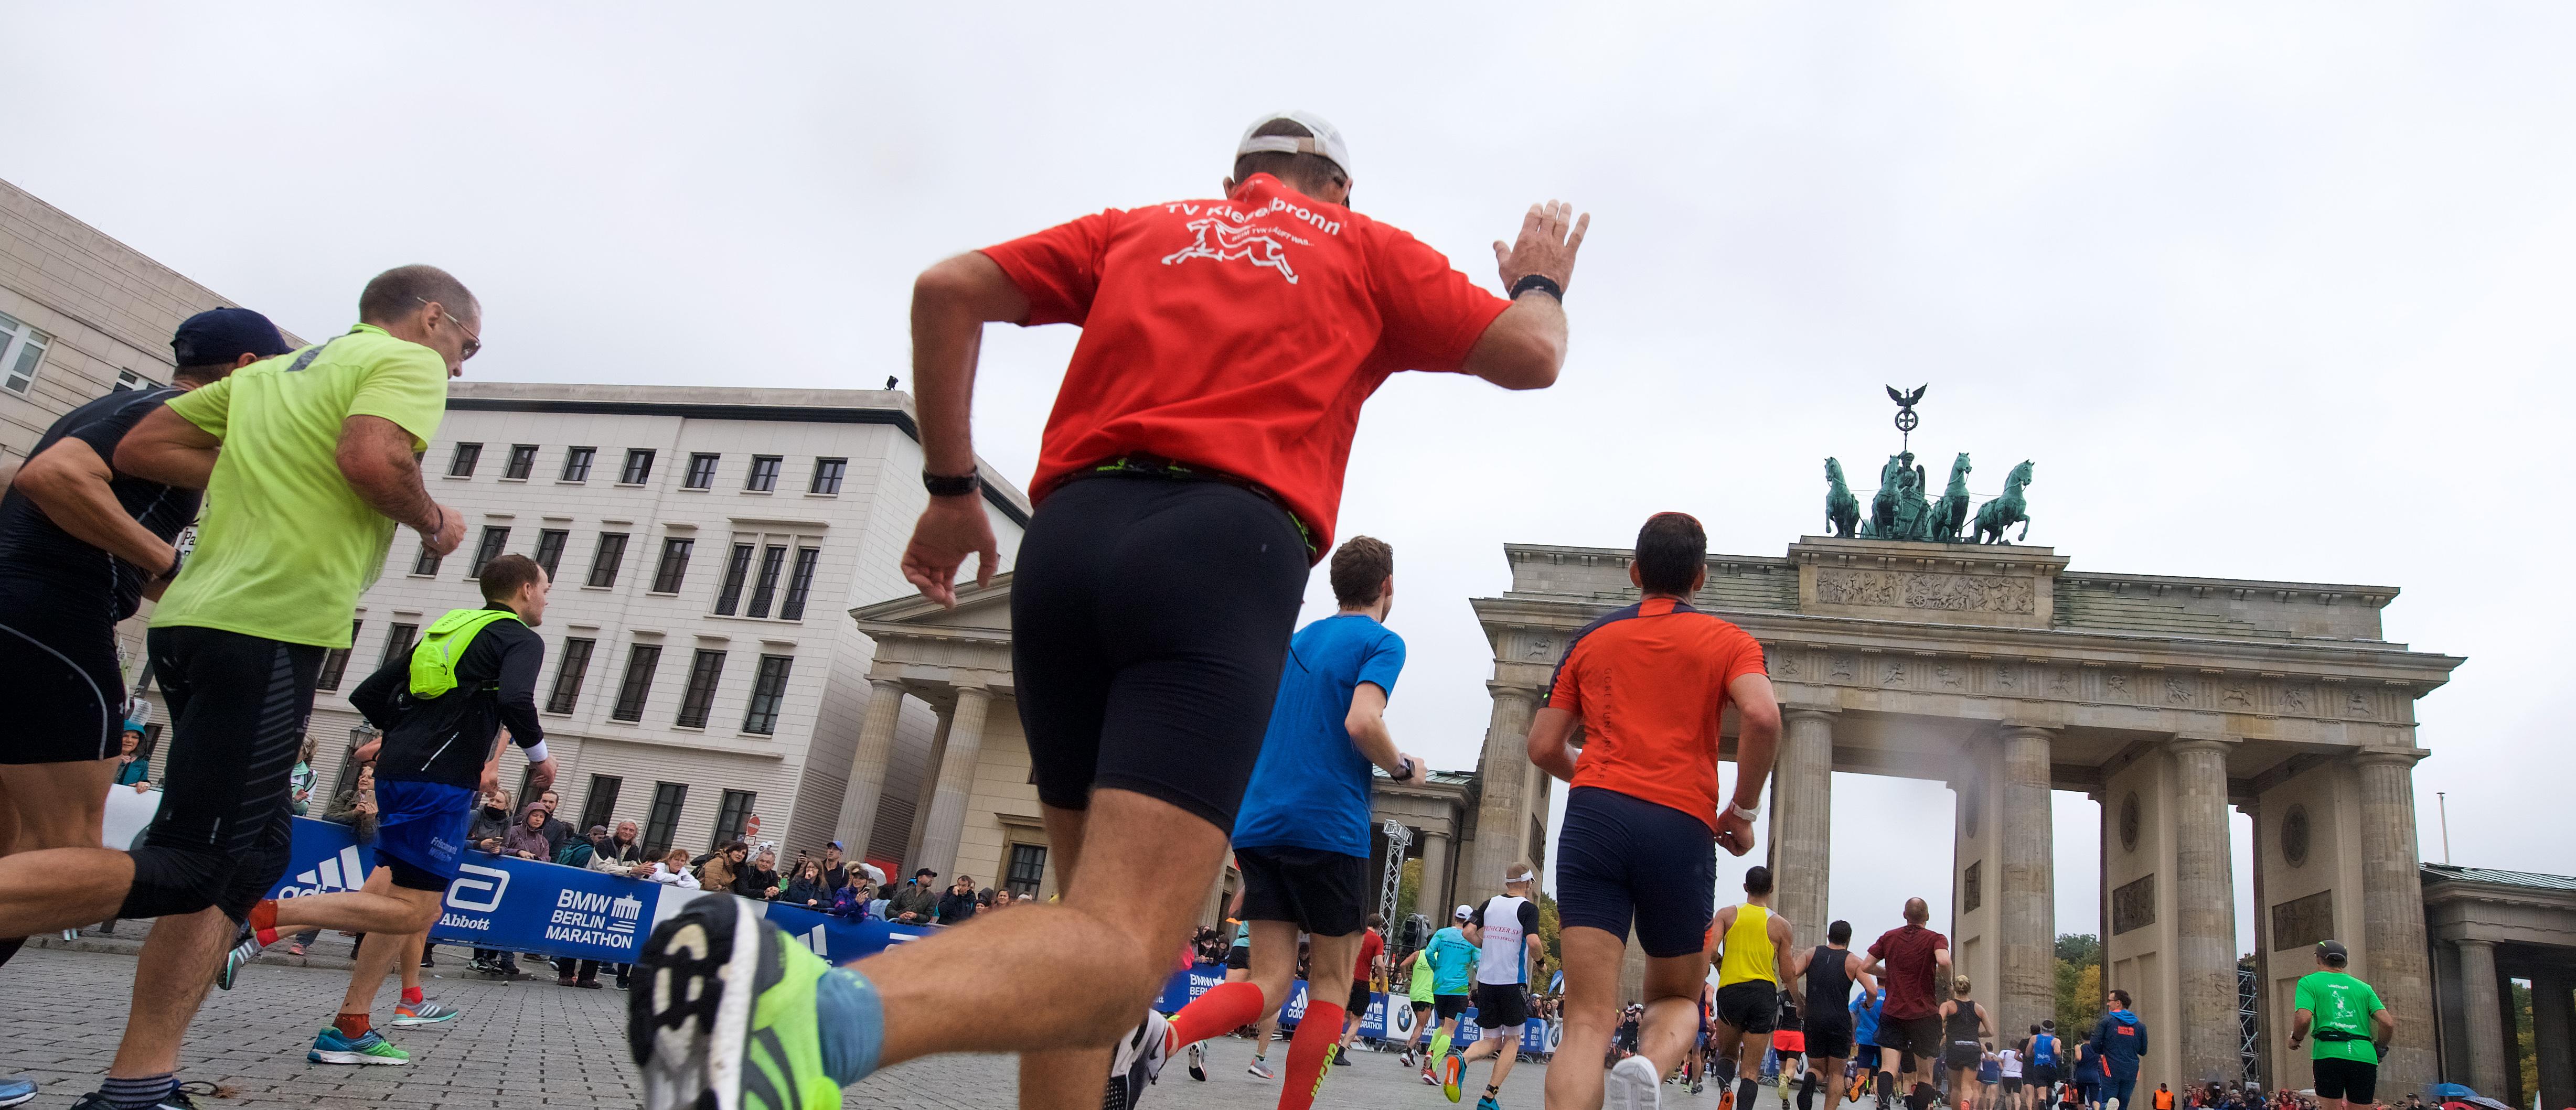 Wo laufen sie denn? BMW Berlin-Marathon am 15. und 16. September